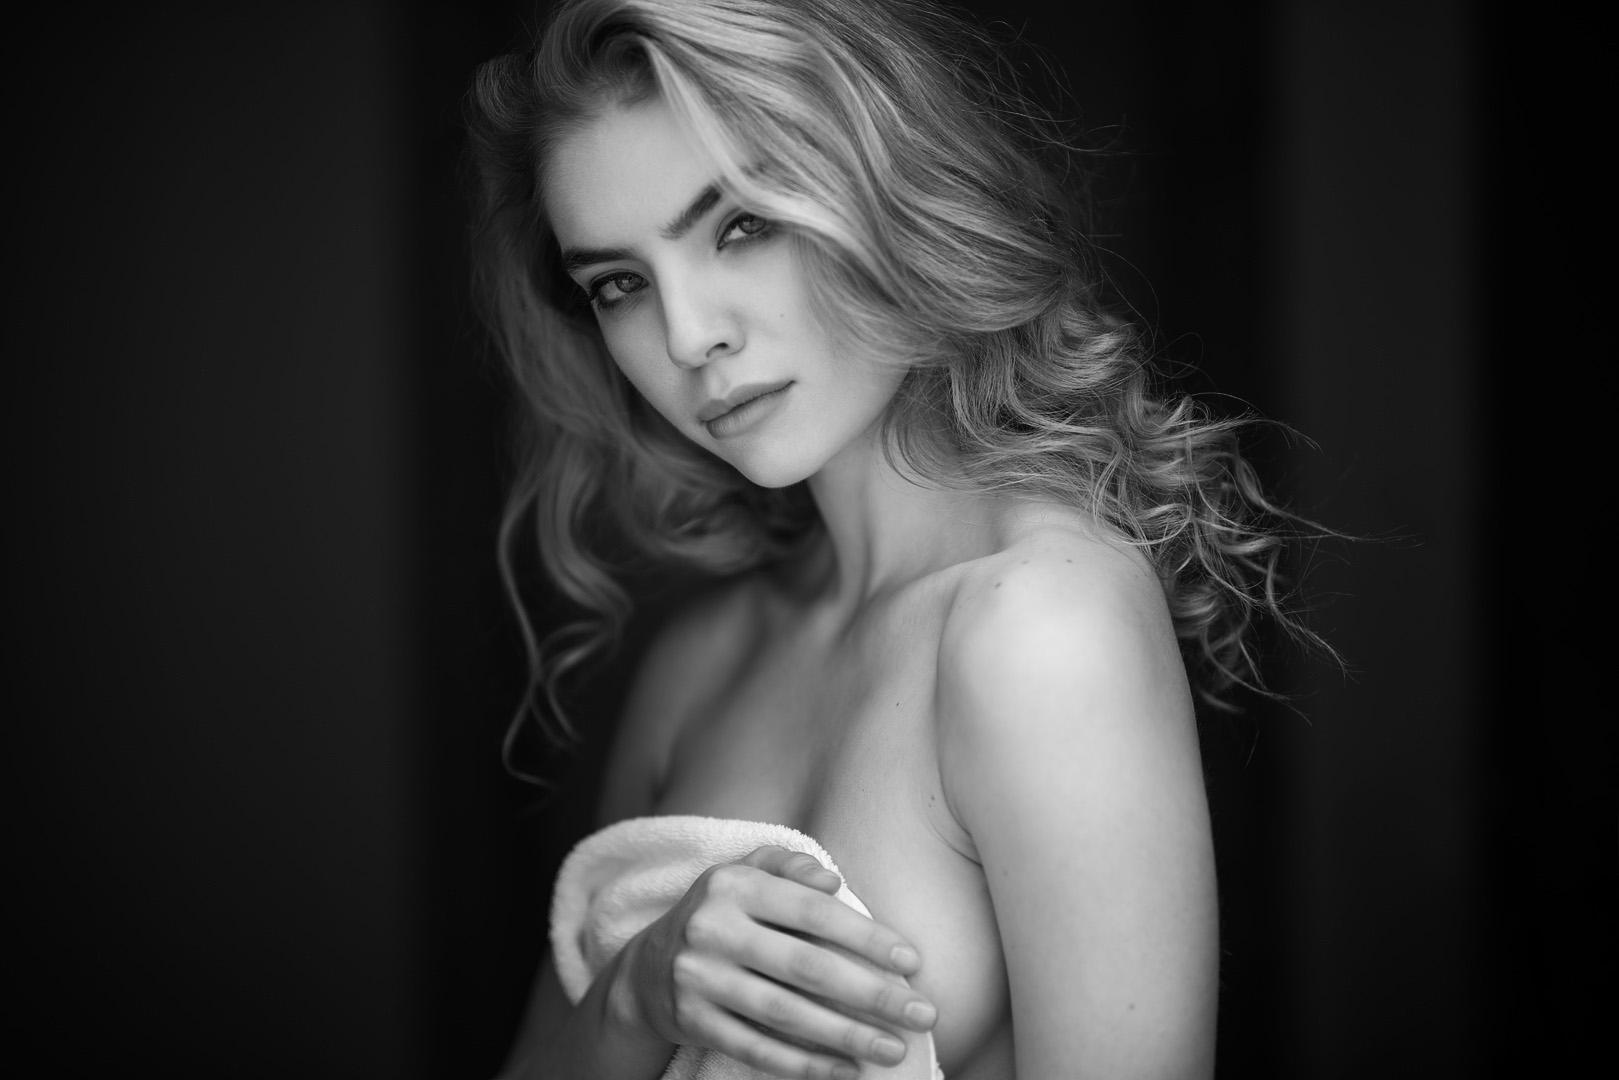 Natalia-12032